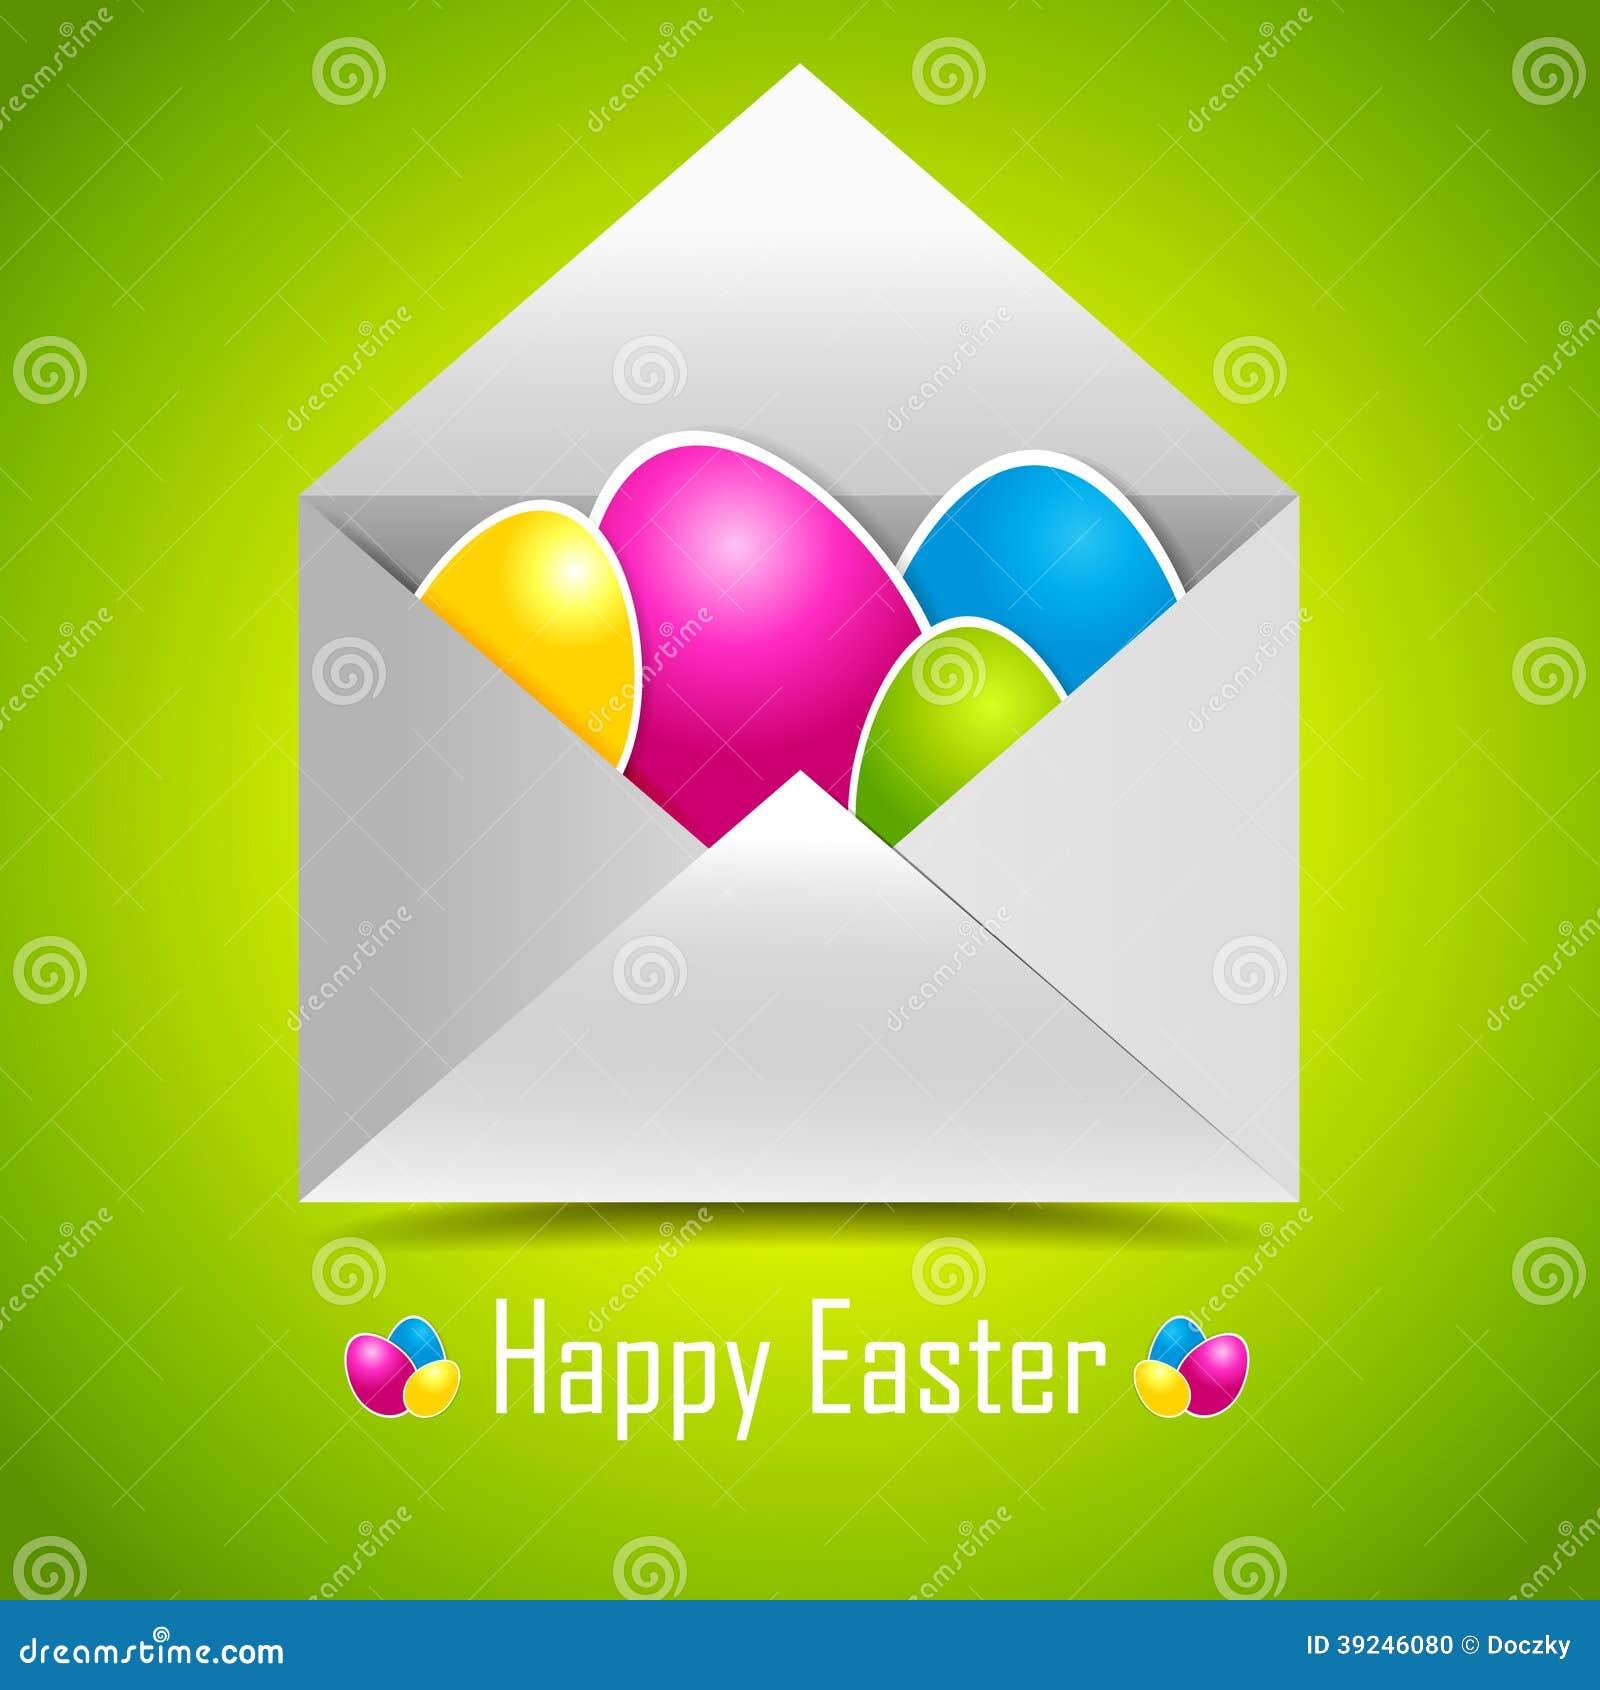 Ζωηρόχρωμα αυγά Πάσχας στο φάκελο ταχυδρομείου.